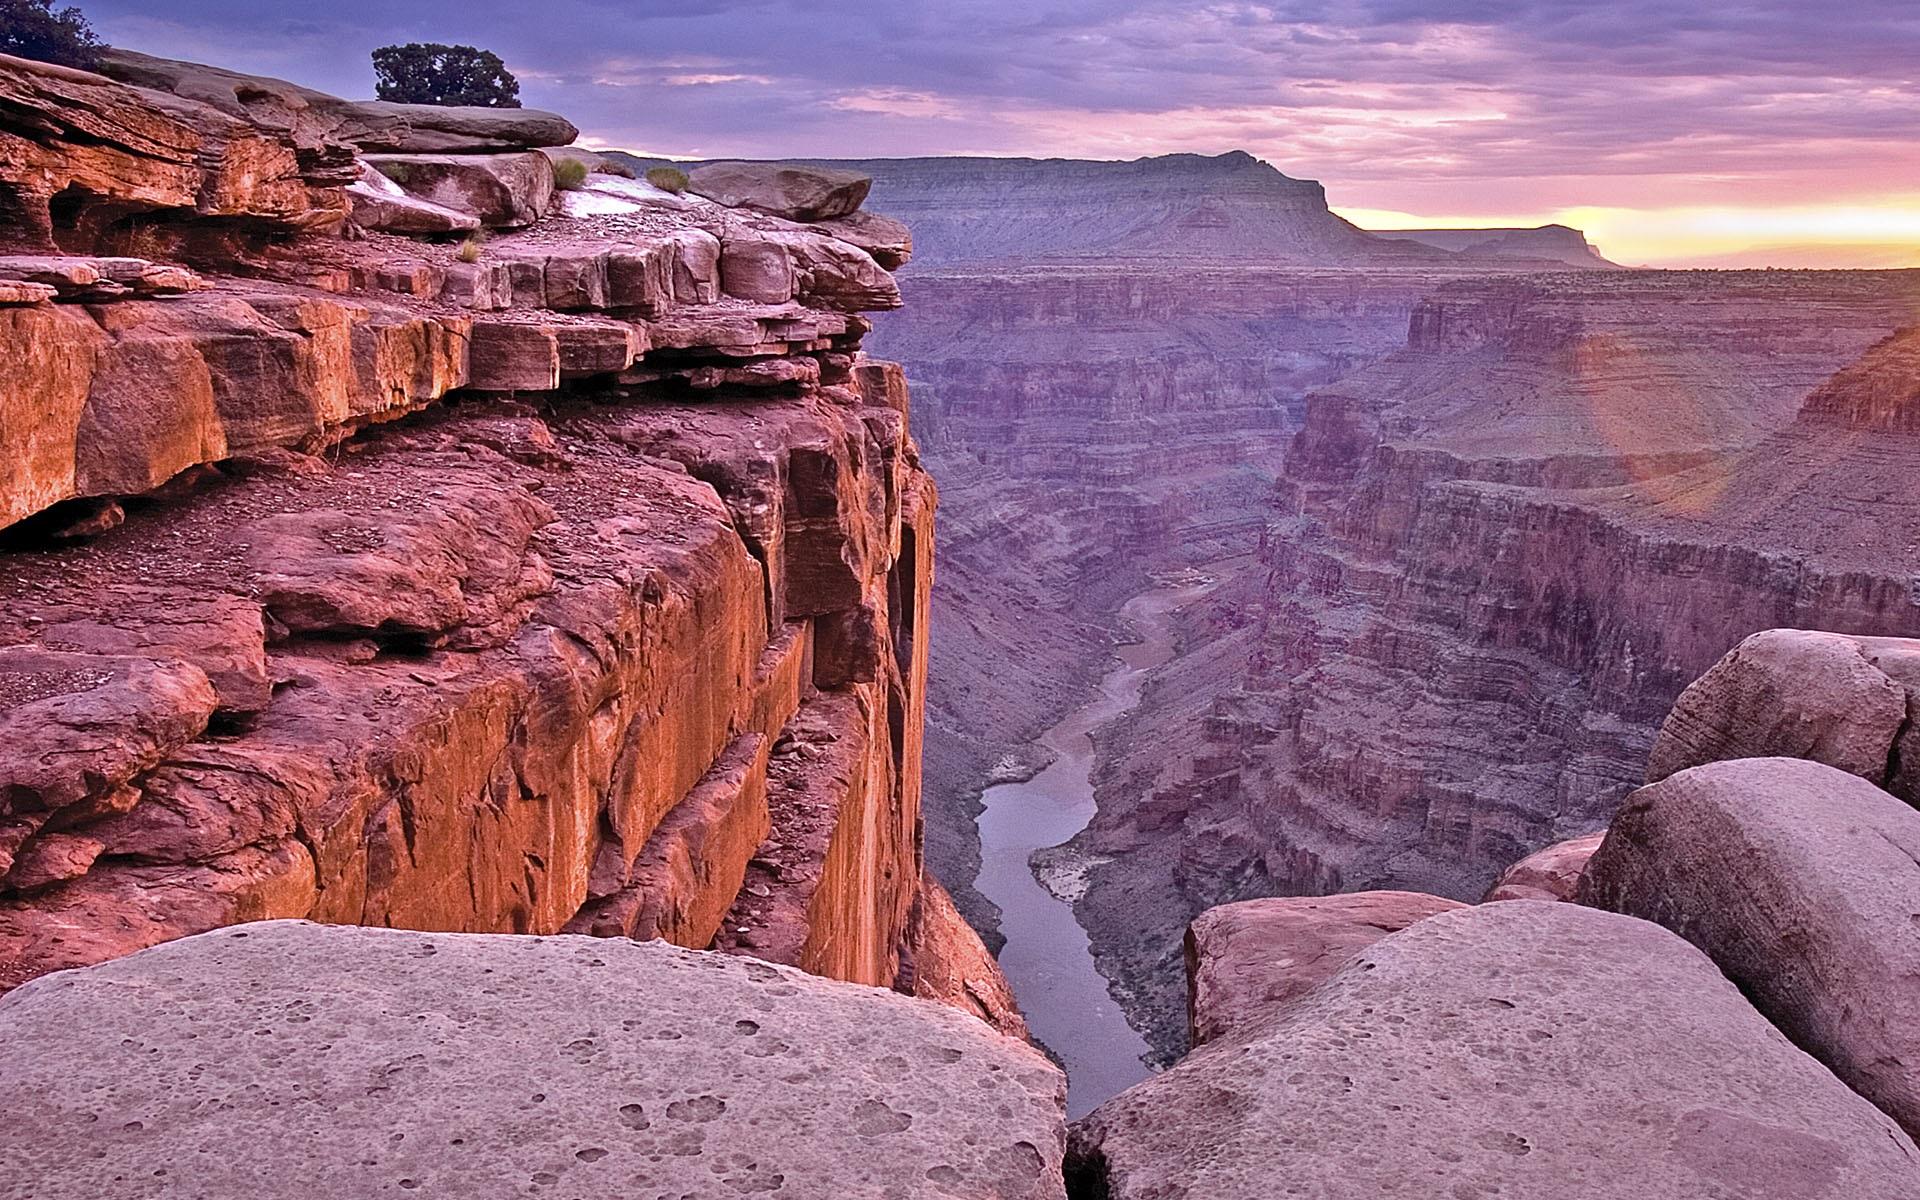 Arizona nudist places — 13